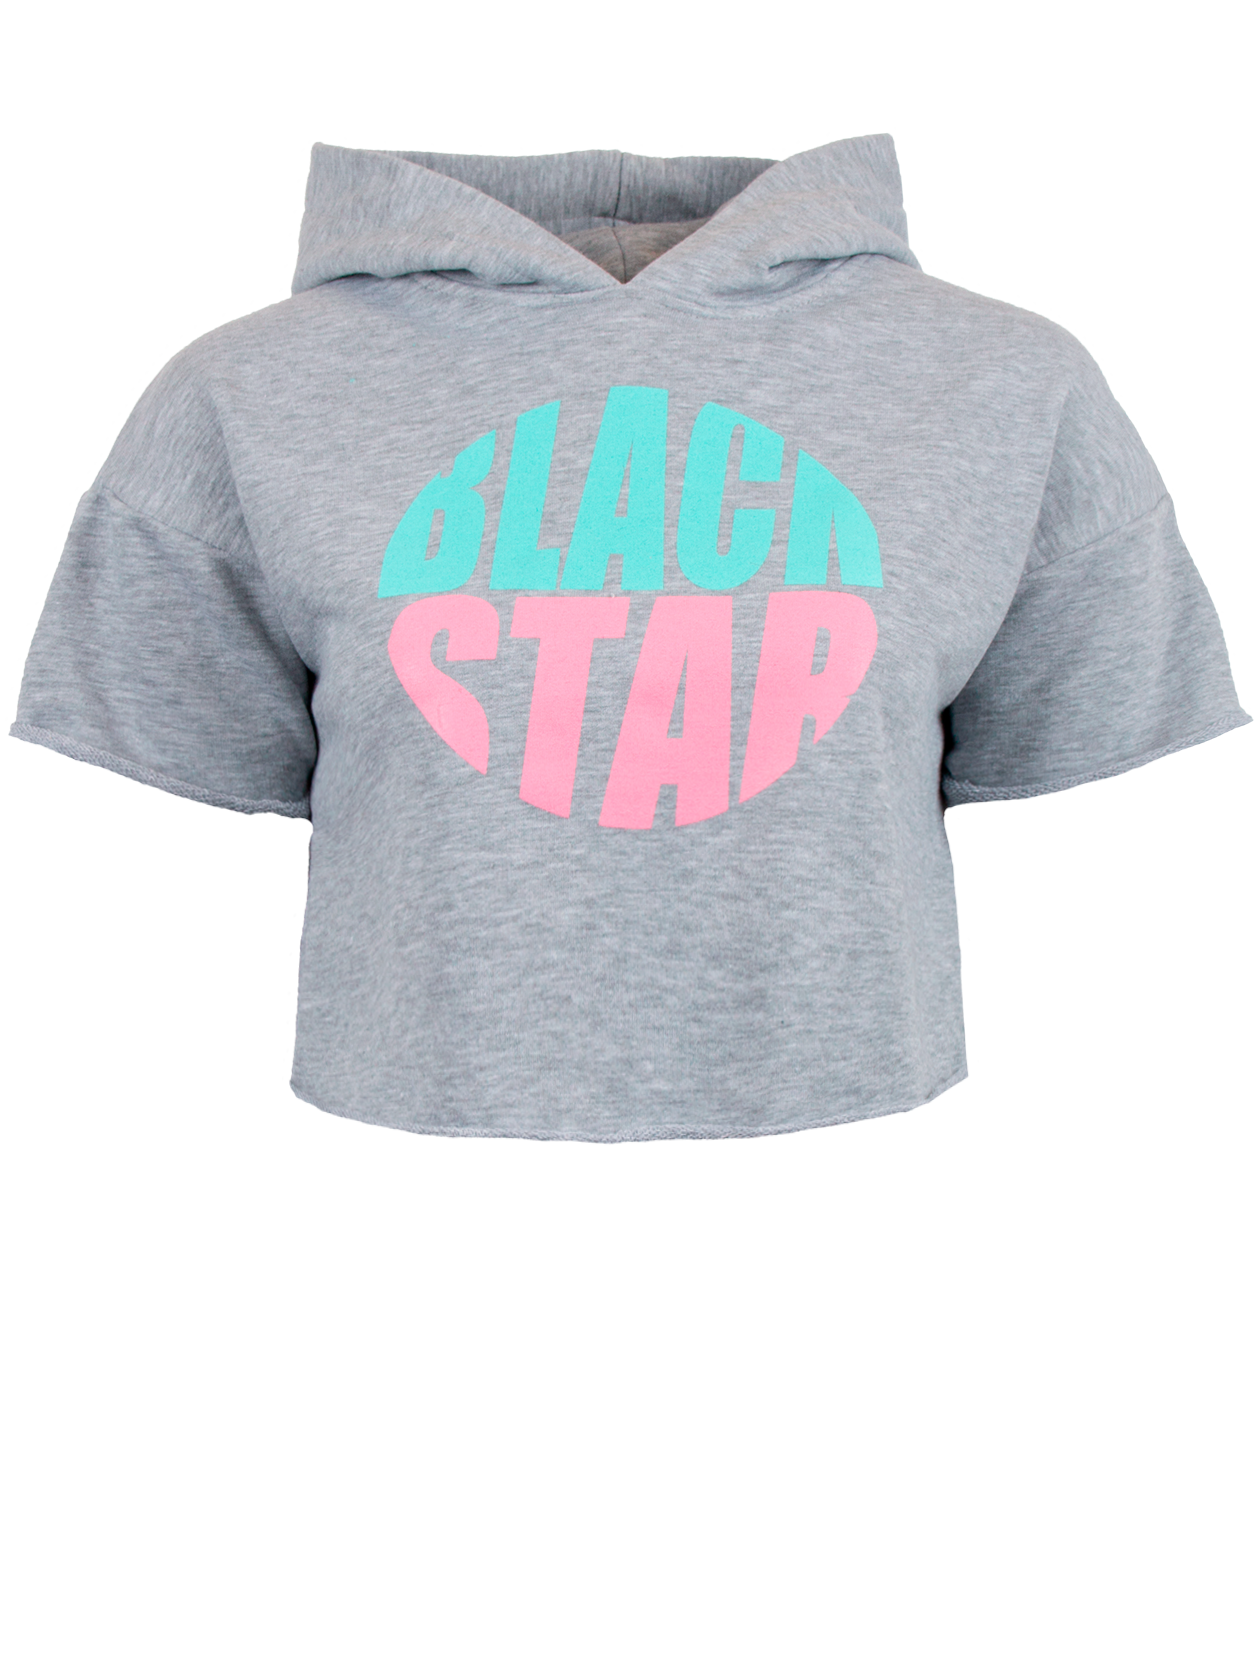 Футболка женская SUMMER HOODЭффектная футболка женская Summer Hood из коллекции Black Star Wear – яркая вещь для создания ежедневного лука. Укороченная модель прямого свободного кроя со спущенной линией плеча, переходящей в короткий широкий рукав. Дизайн дополнен объемным капюшоном и принтом в виде круга из надписи Black Star розовыми и ментоловыми буквами. Футболка представлена в популярной расцветке серый меланж, отлично сочетается со спортивным и повседневным гардеробом. Изготовлена из премиального 100% хлопка.<br><br>Размер: L<br>Цвет: Серый<br>Пол: Женский